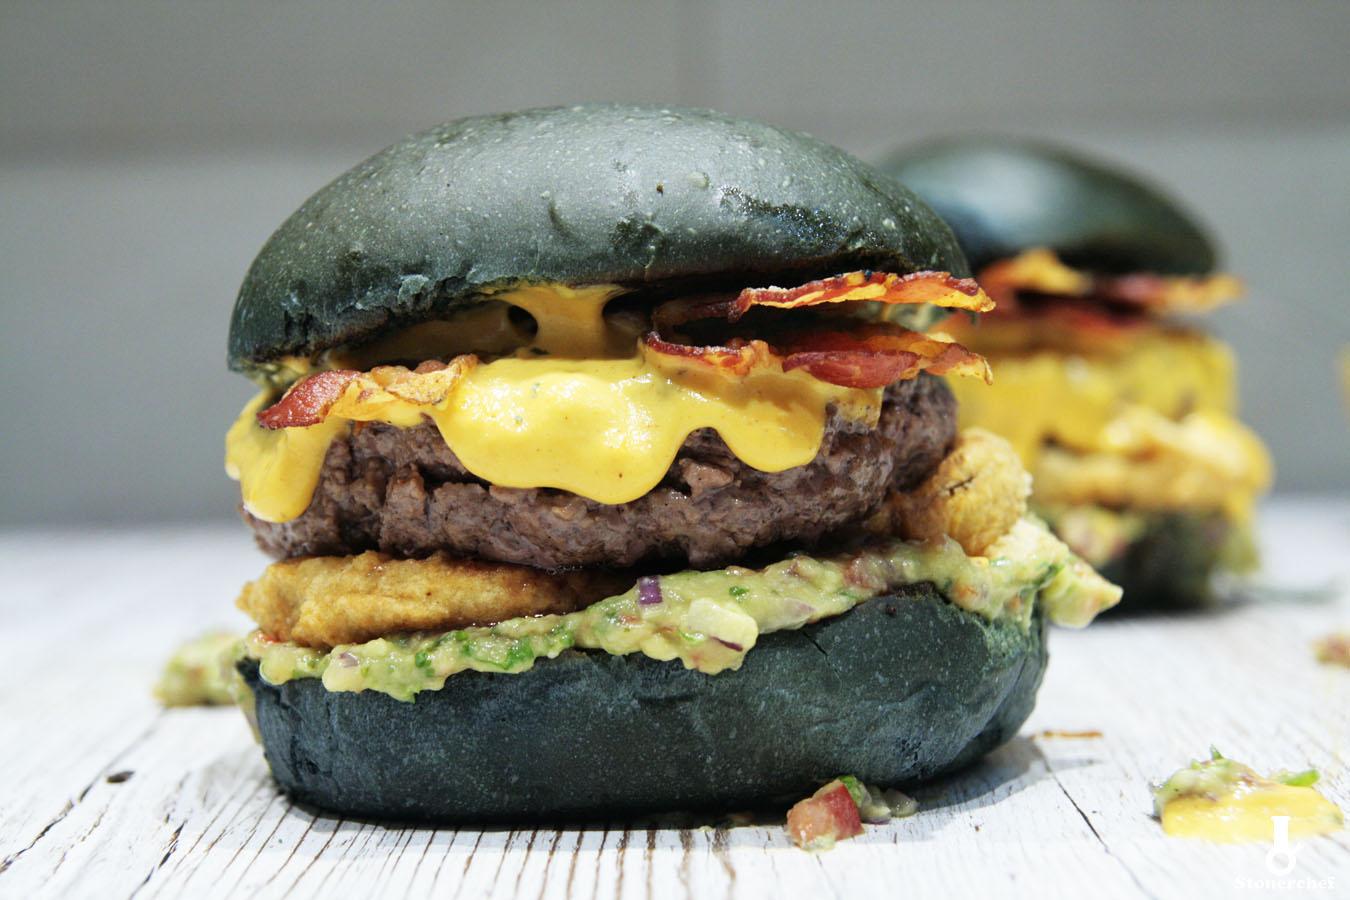 http://www.stonerchef.pl/wp-content/uploads/2017/08/zblizenie-na-burgery-z-guacamole-i-sosem-serowym.jpg